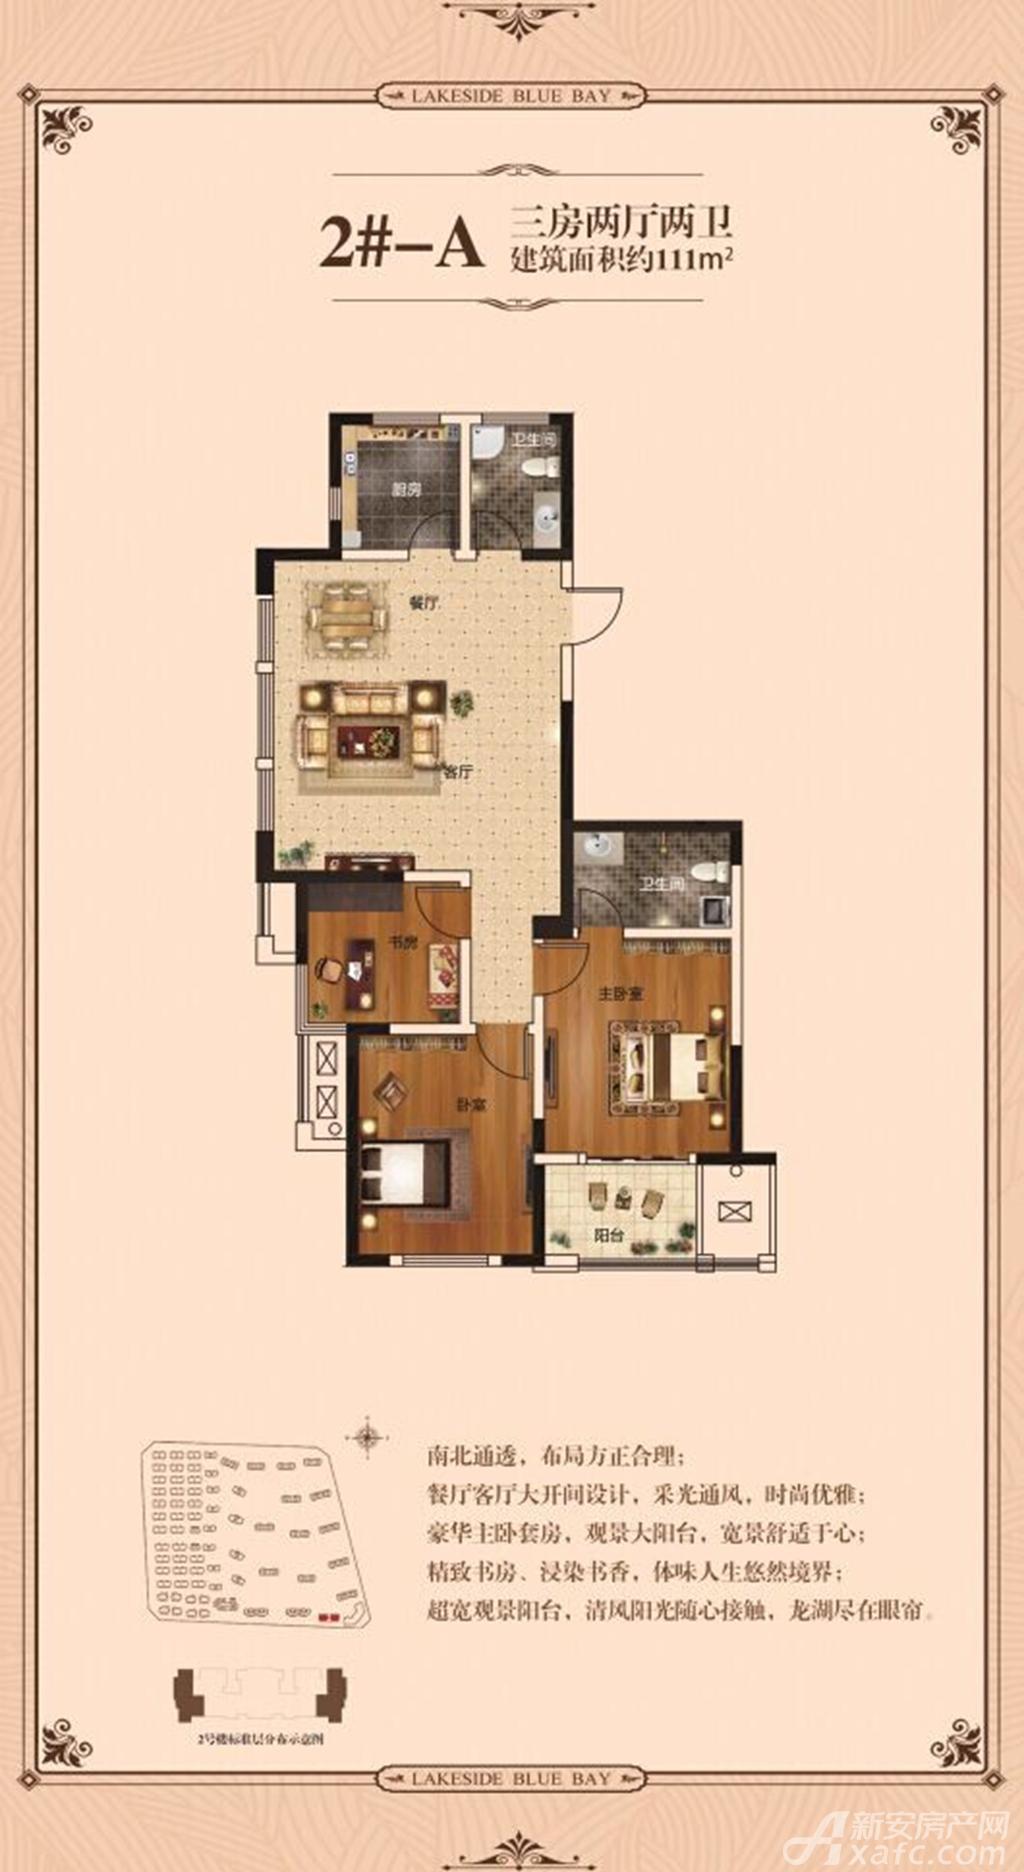 康恒滨湖蓝湾A户型3室2厅111平米